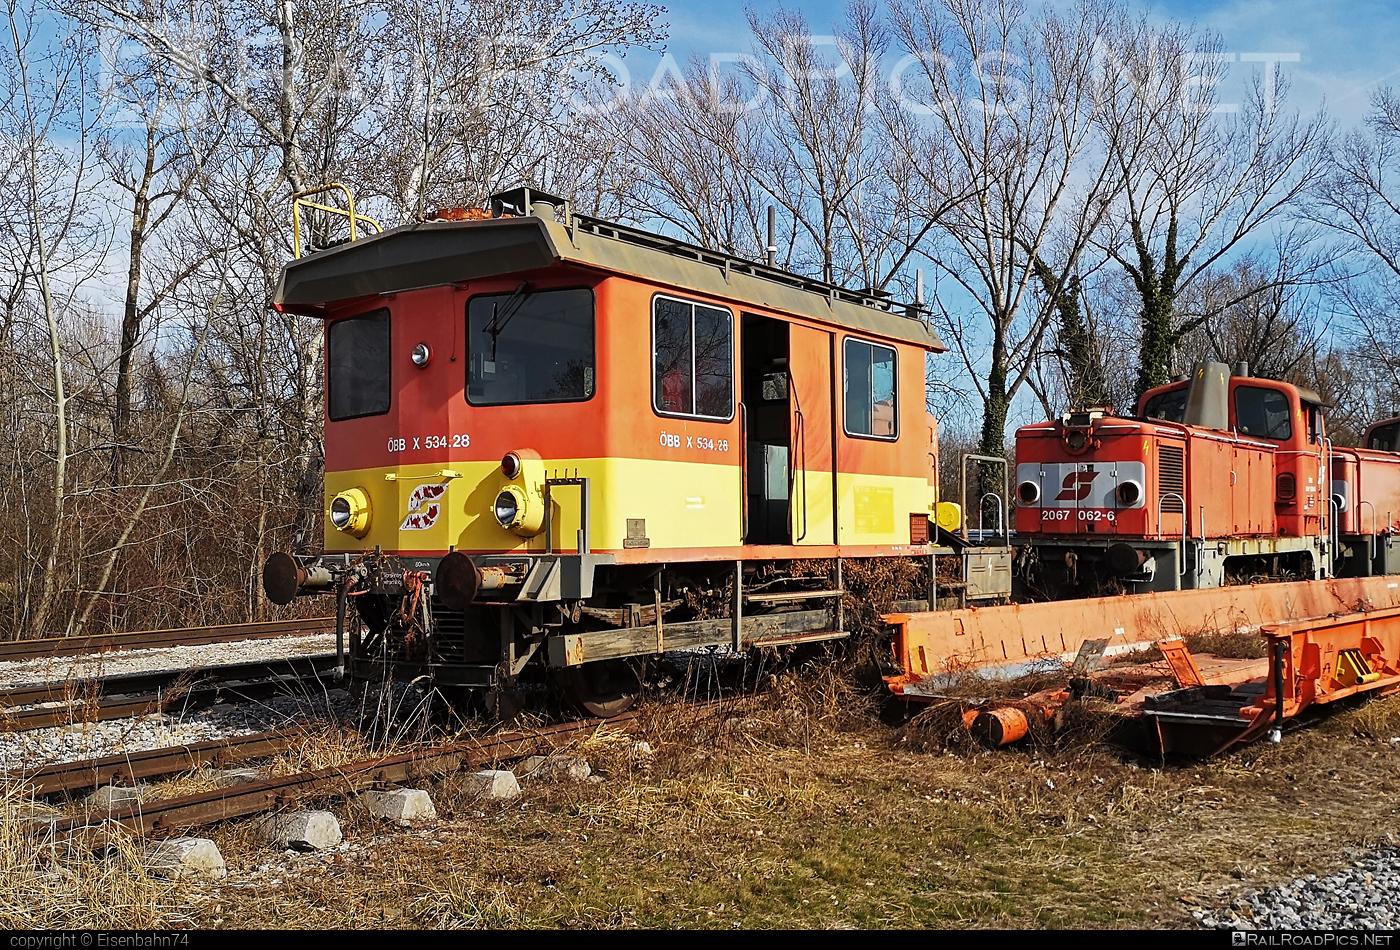 Bombardier / Tobisch / Knotz ÖBB Class X534 - X534.28 operated by Österreichische Bundesbahnen #BombardierTobischKnotz #OBBx534 #bombardier #knotz #obb #osterreichischebundesbahnen #tobisch #x534